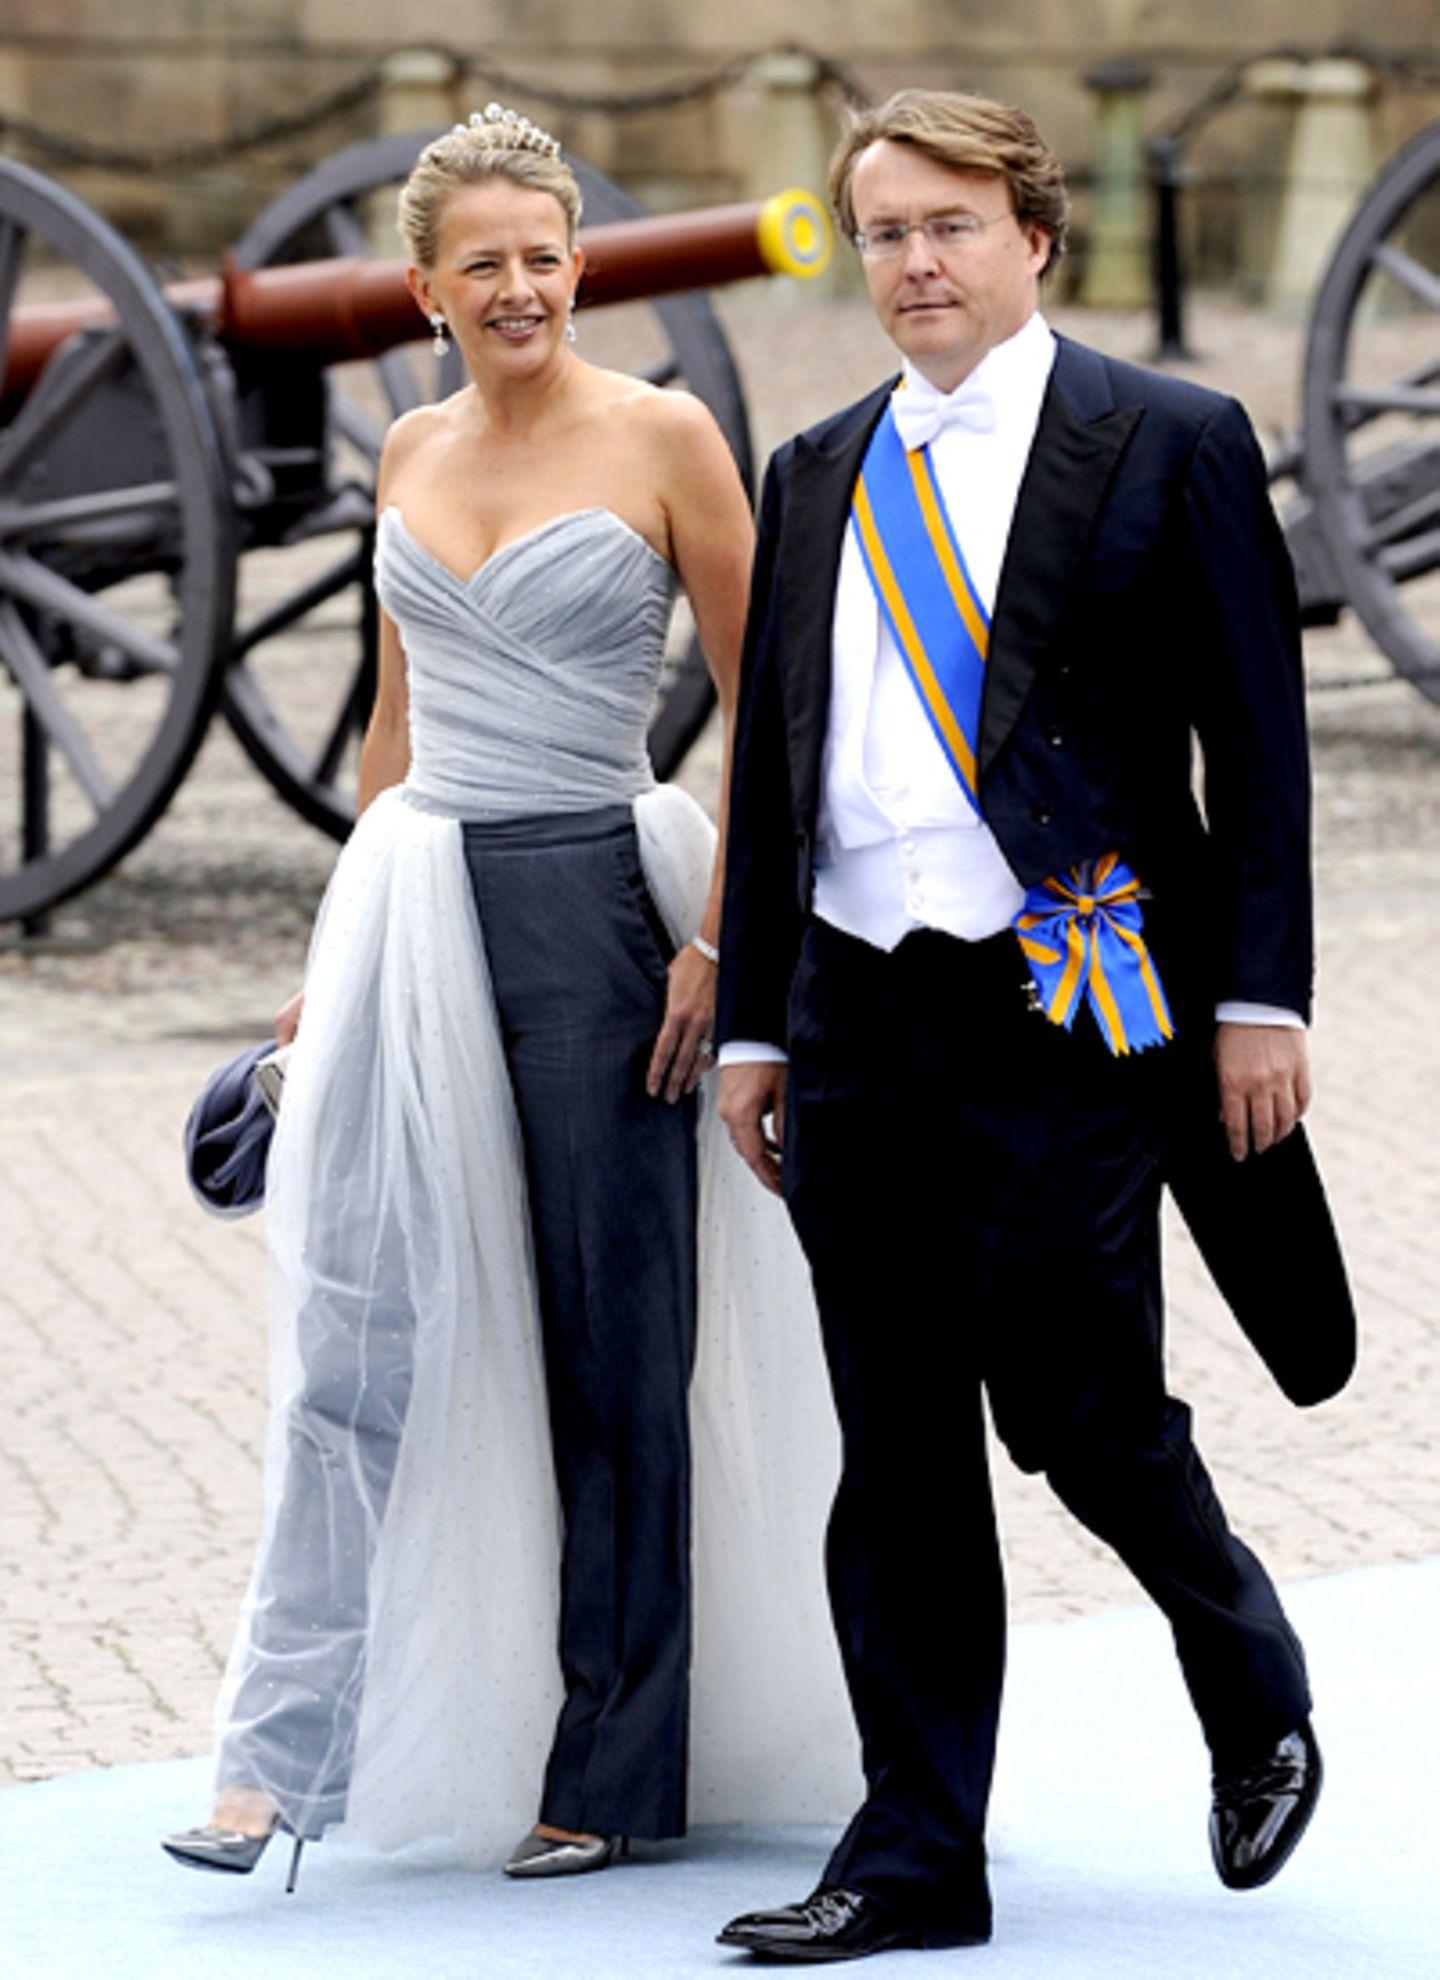 Prinzessin Mabel macht sich mit Ehemann Prinz Johan Friso auf zur Kirche.